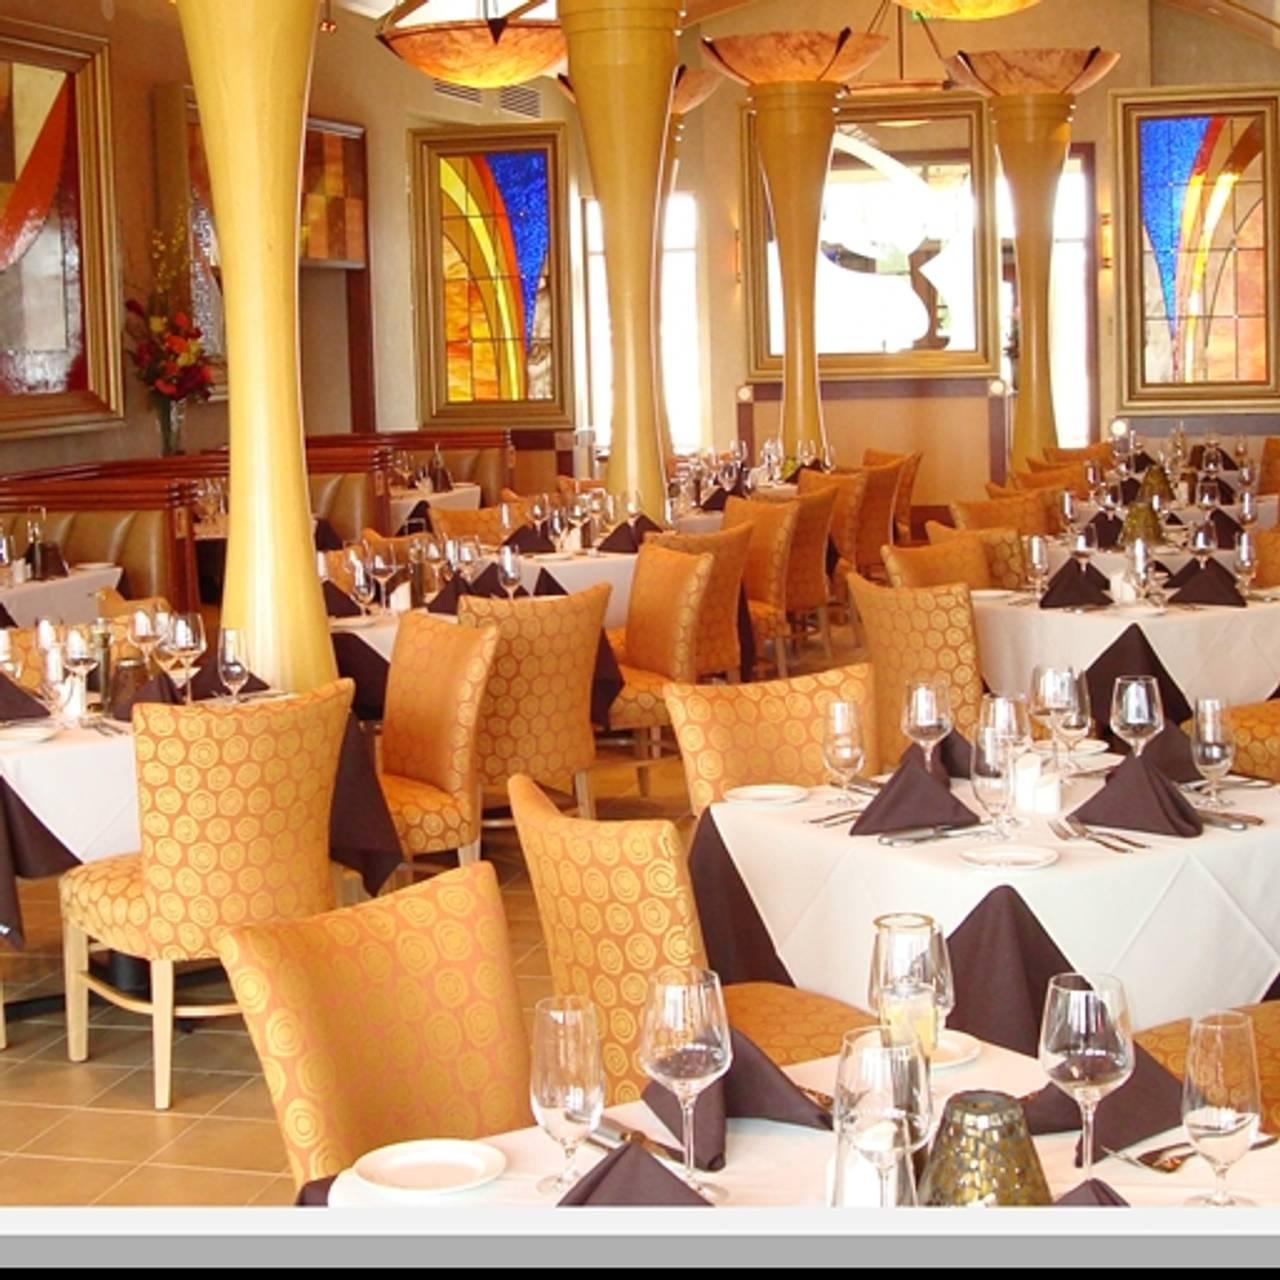 seafood restaurants in columbus ohio